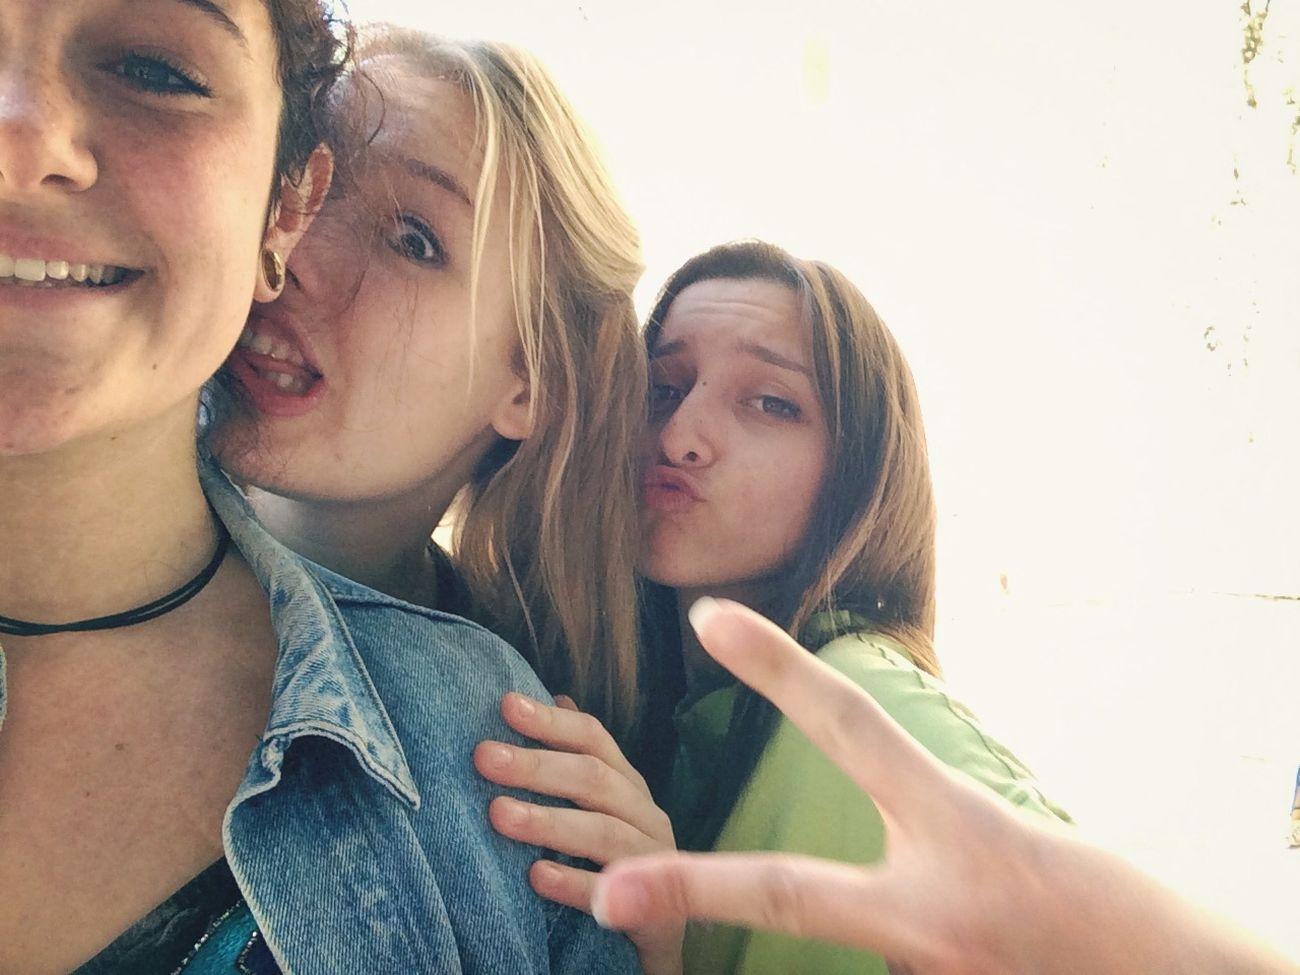 Selfie Friends Girls Love